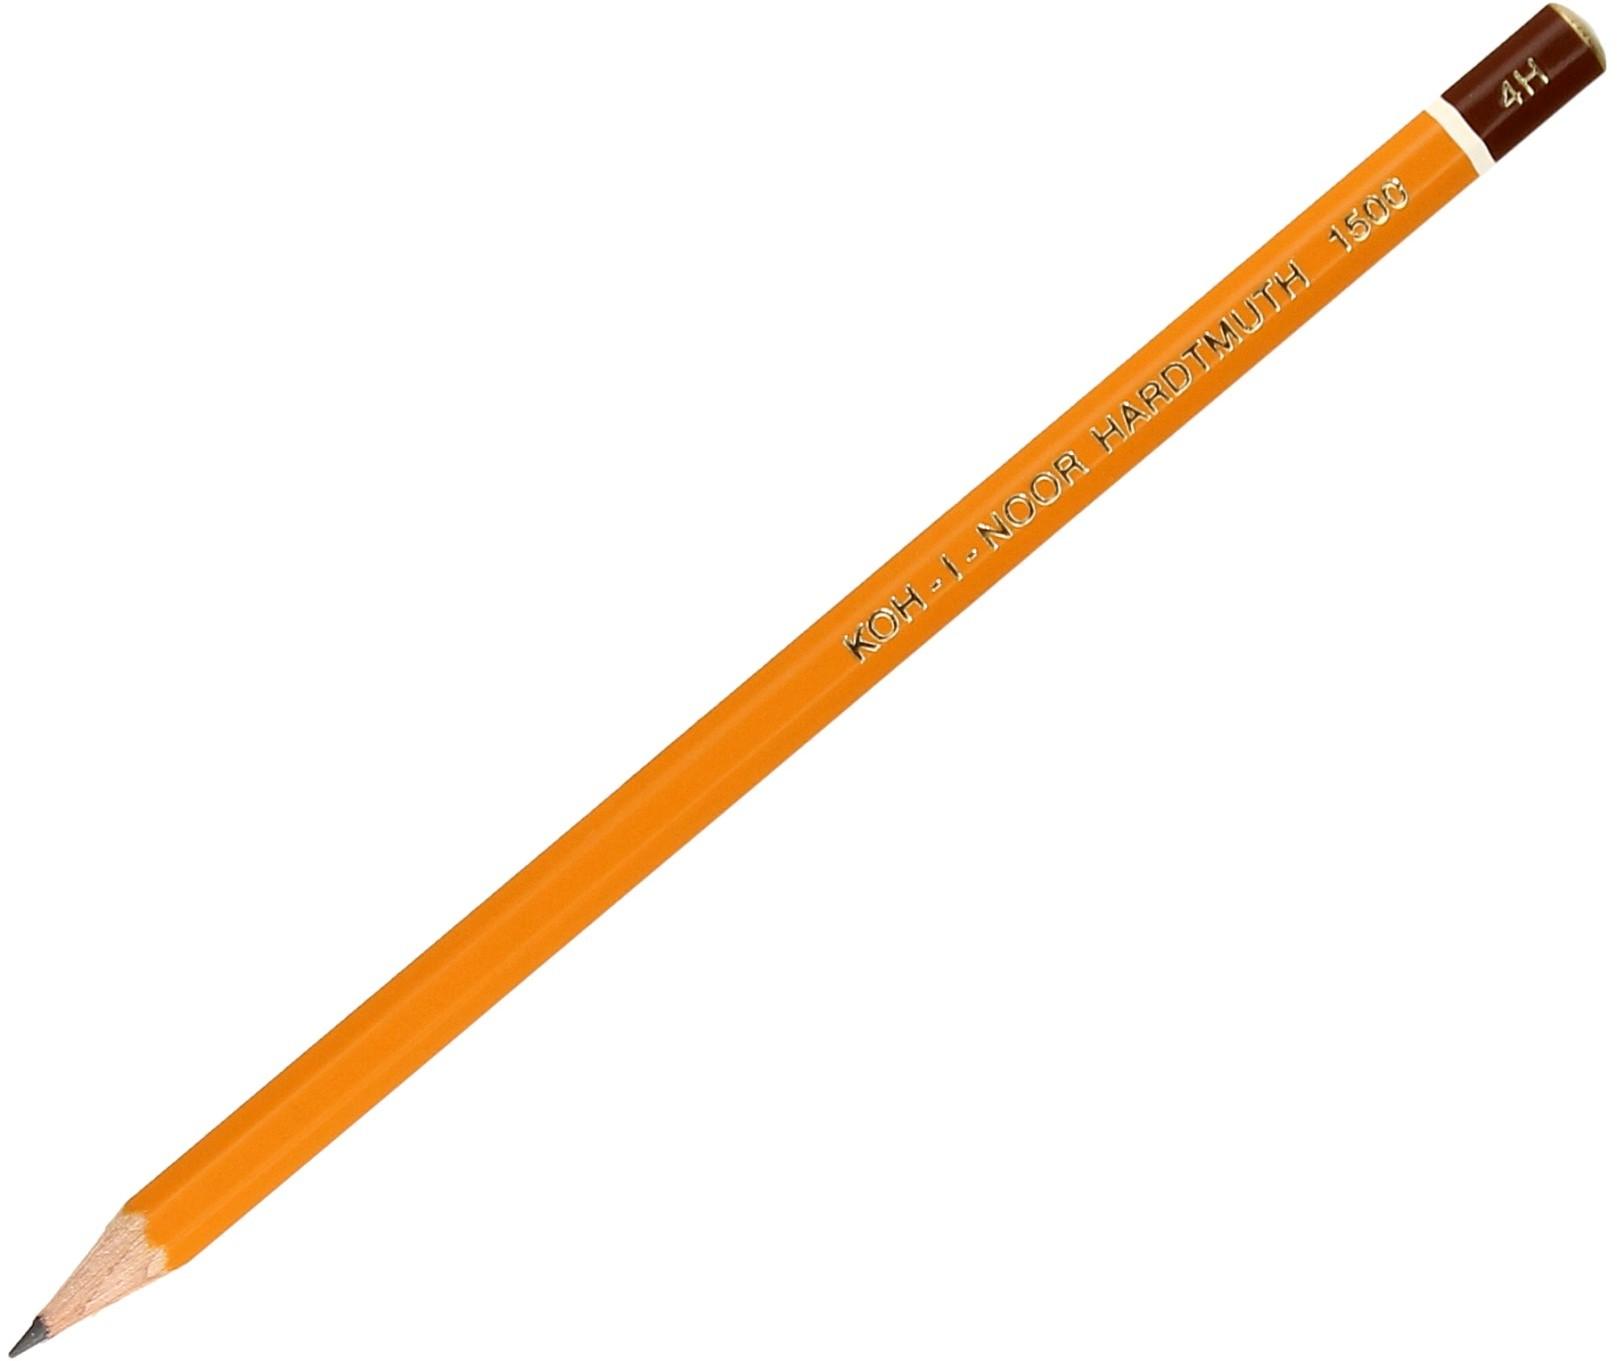 KOH I NOOR Ołówek techniczny 4H b/g KIN 1500